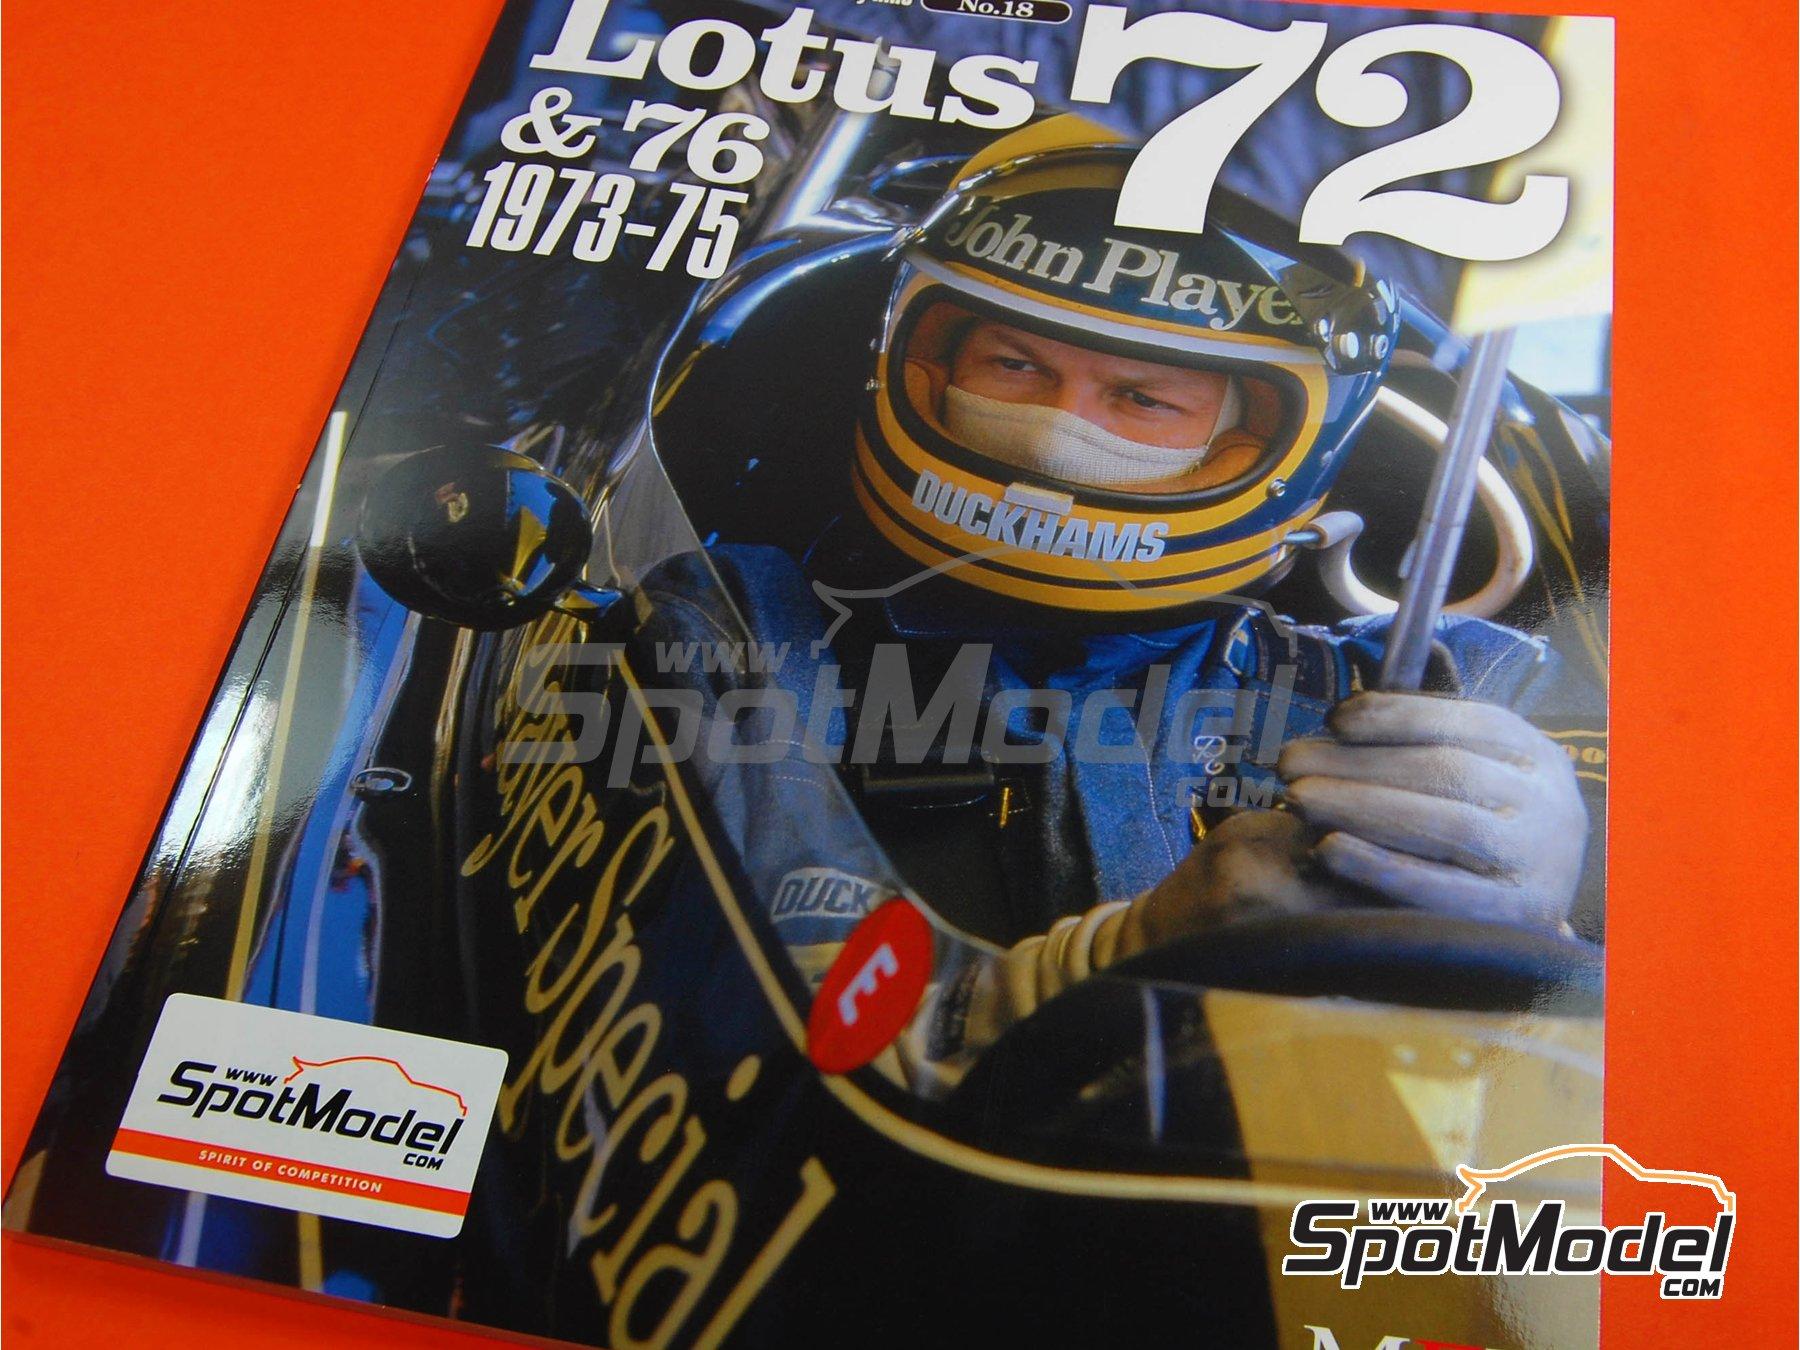 Image 1: JOE HONDA Racing Pictorial Series - Lotus 72 y 76 - Campeonato del Mundo de Formula1 1973, 1974 y 1975 | Libro de referencia fabricado por Model Factory Hiro (ref.MFH-JH18)